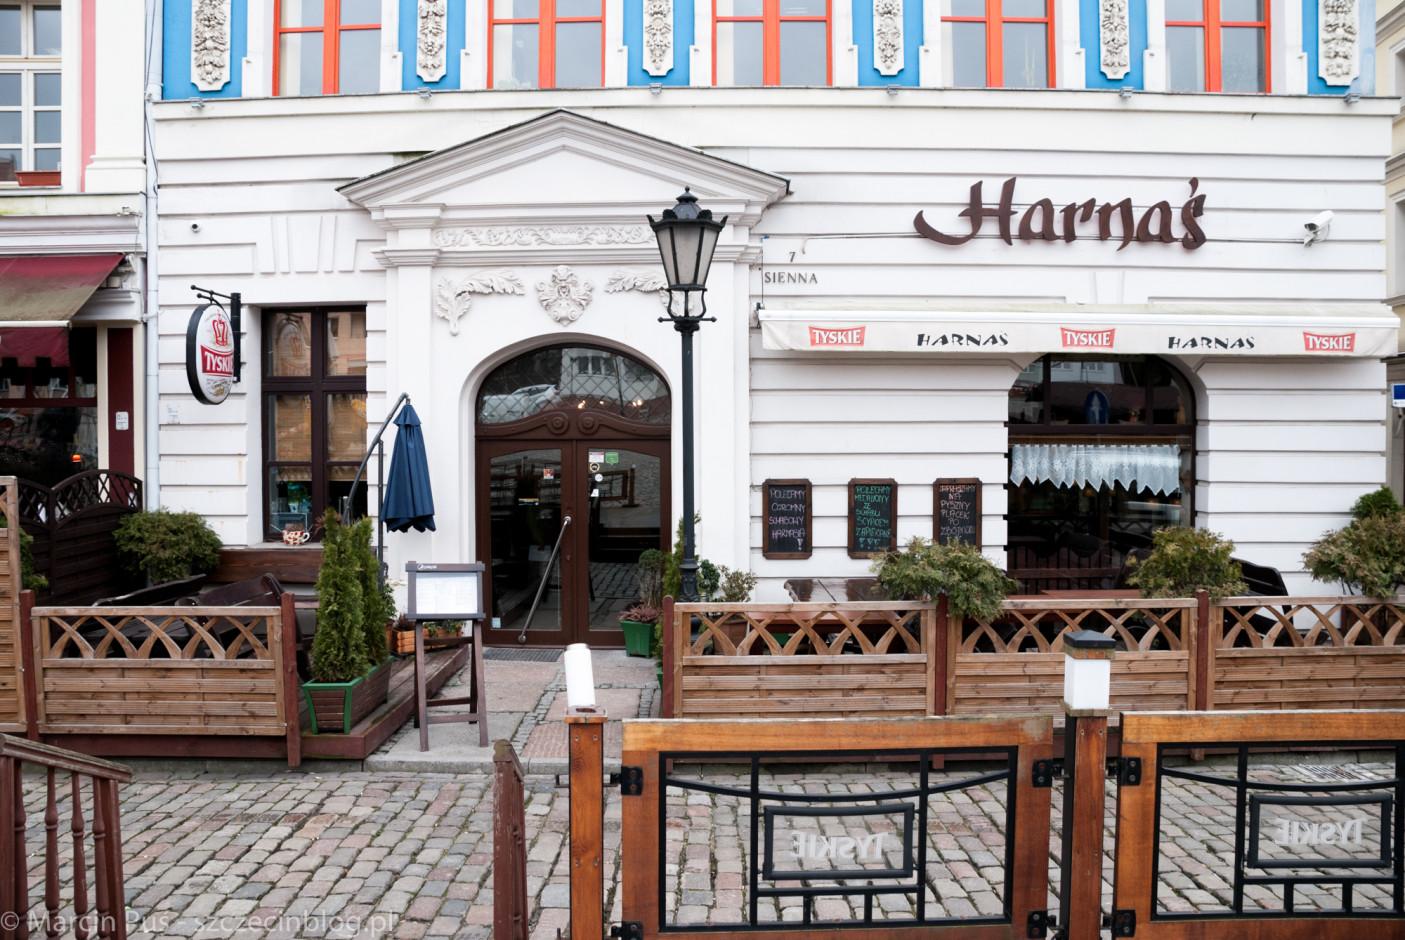 Harnaś znajduje się na Podzamczu (Rynek Sienny) w pięknej, niebieskiej kamienicy, która mocno wyróżnia się koloroem i wykończeniem w okolicy.